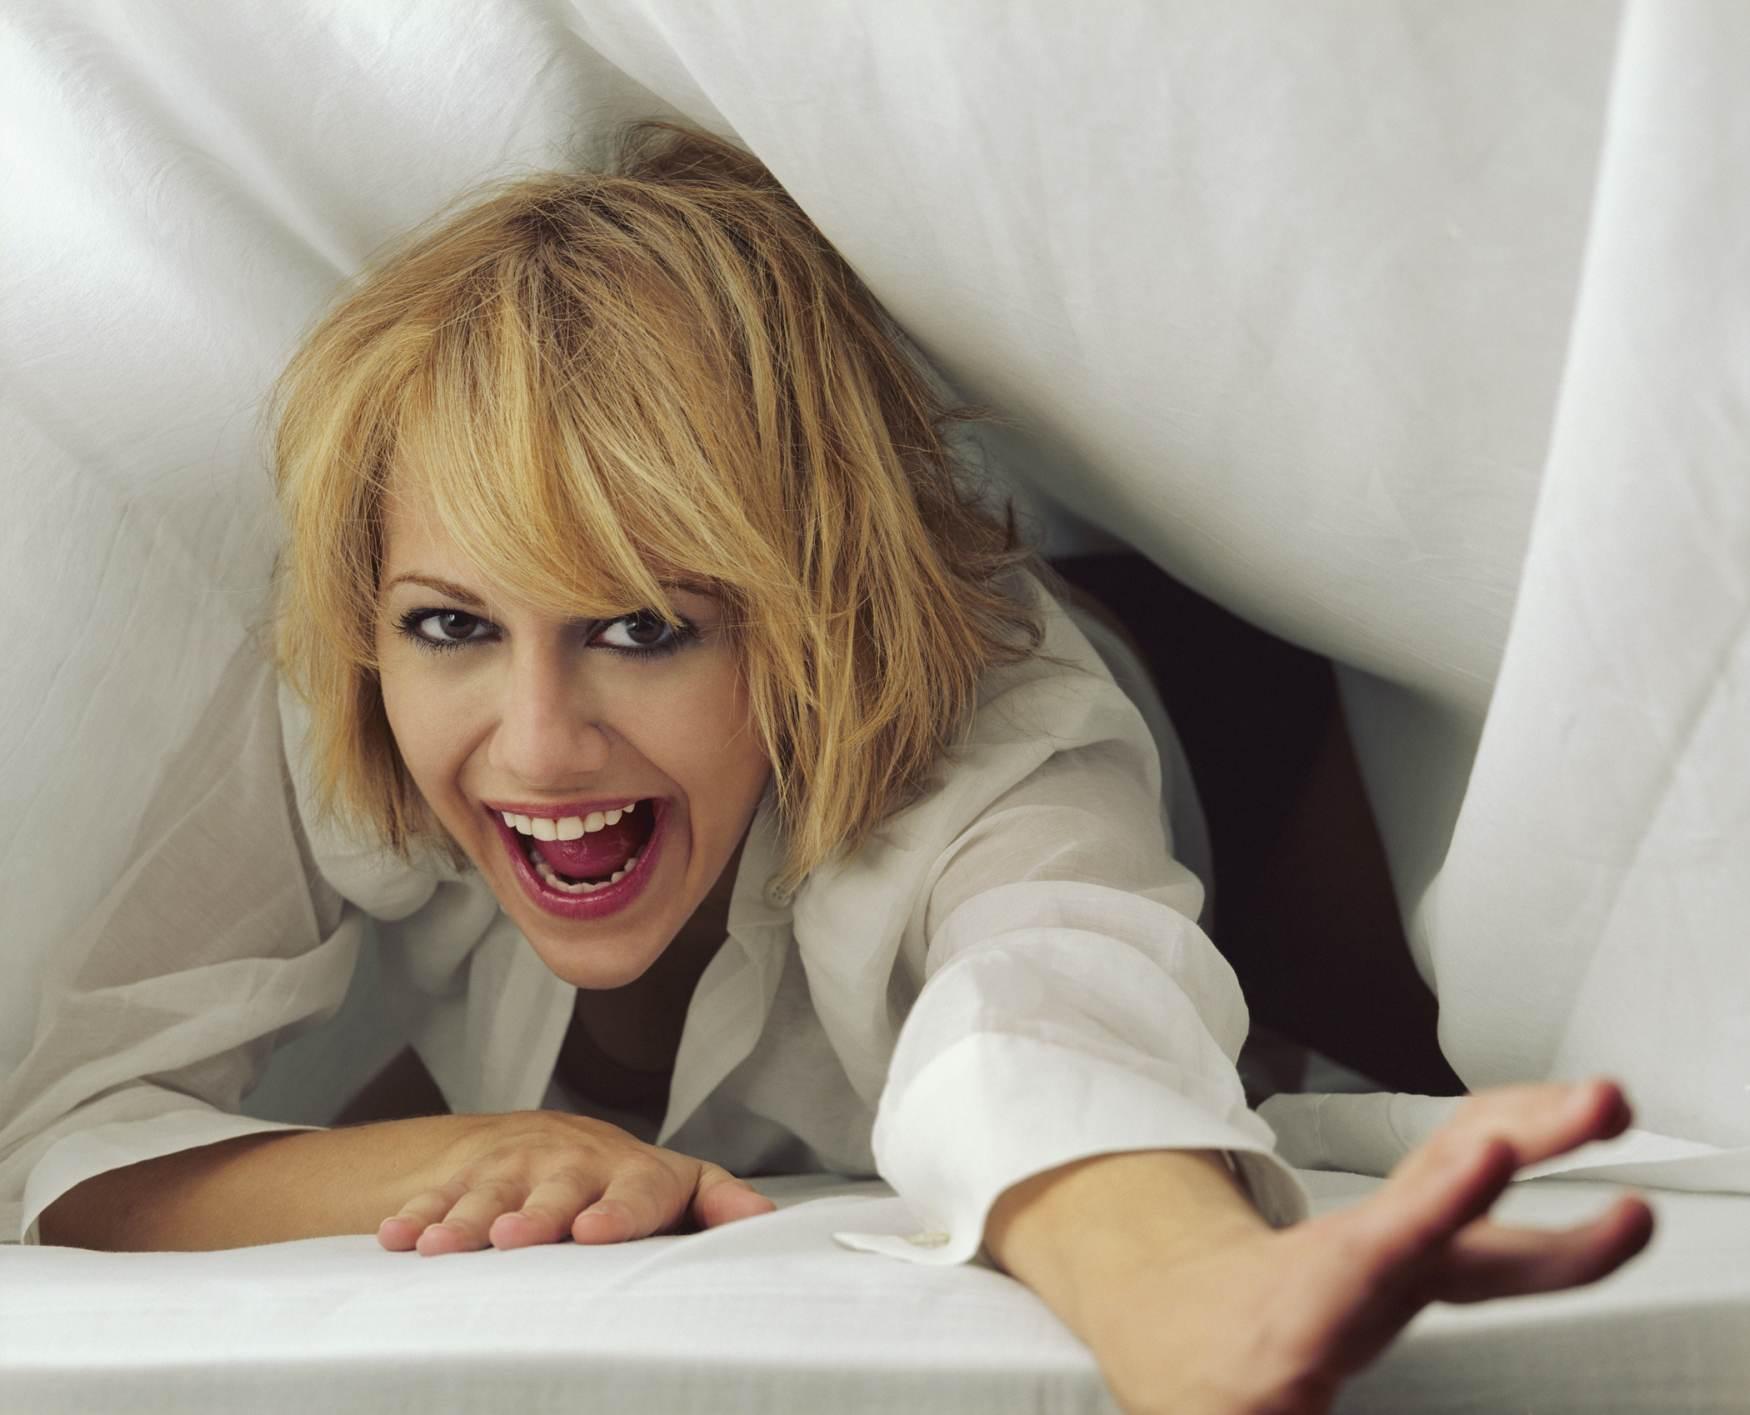 Фото Бриттани Мерфи Знаменитости Brittany Murphy